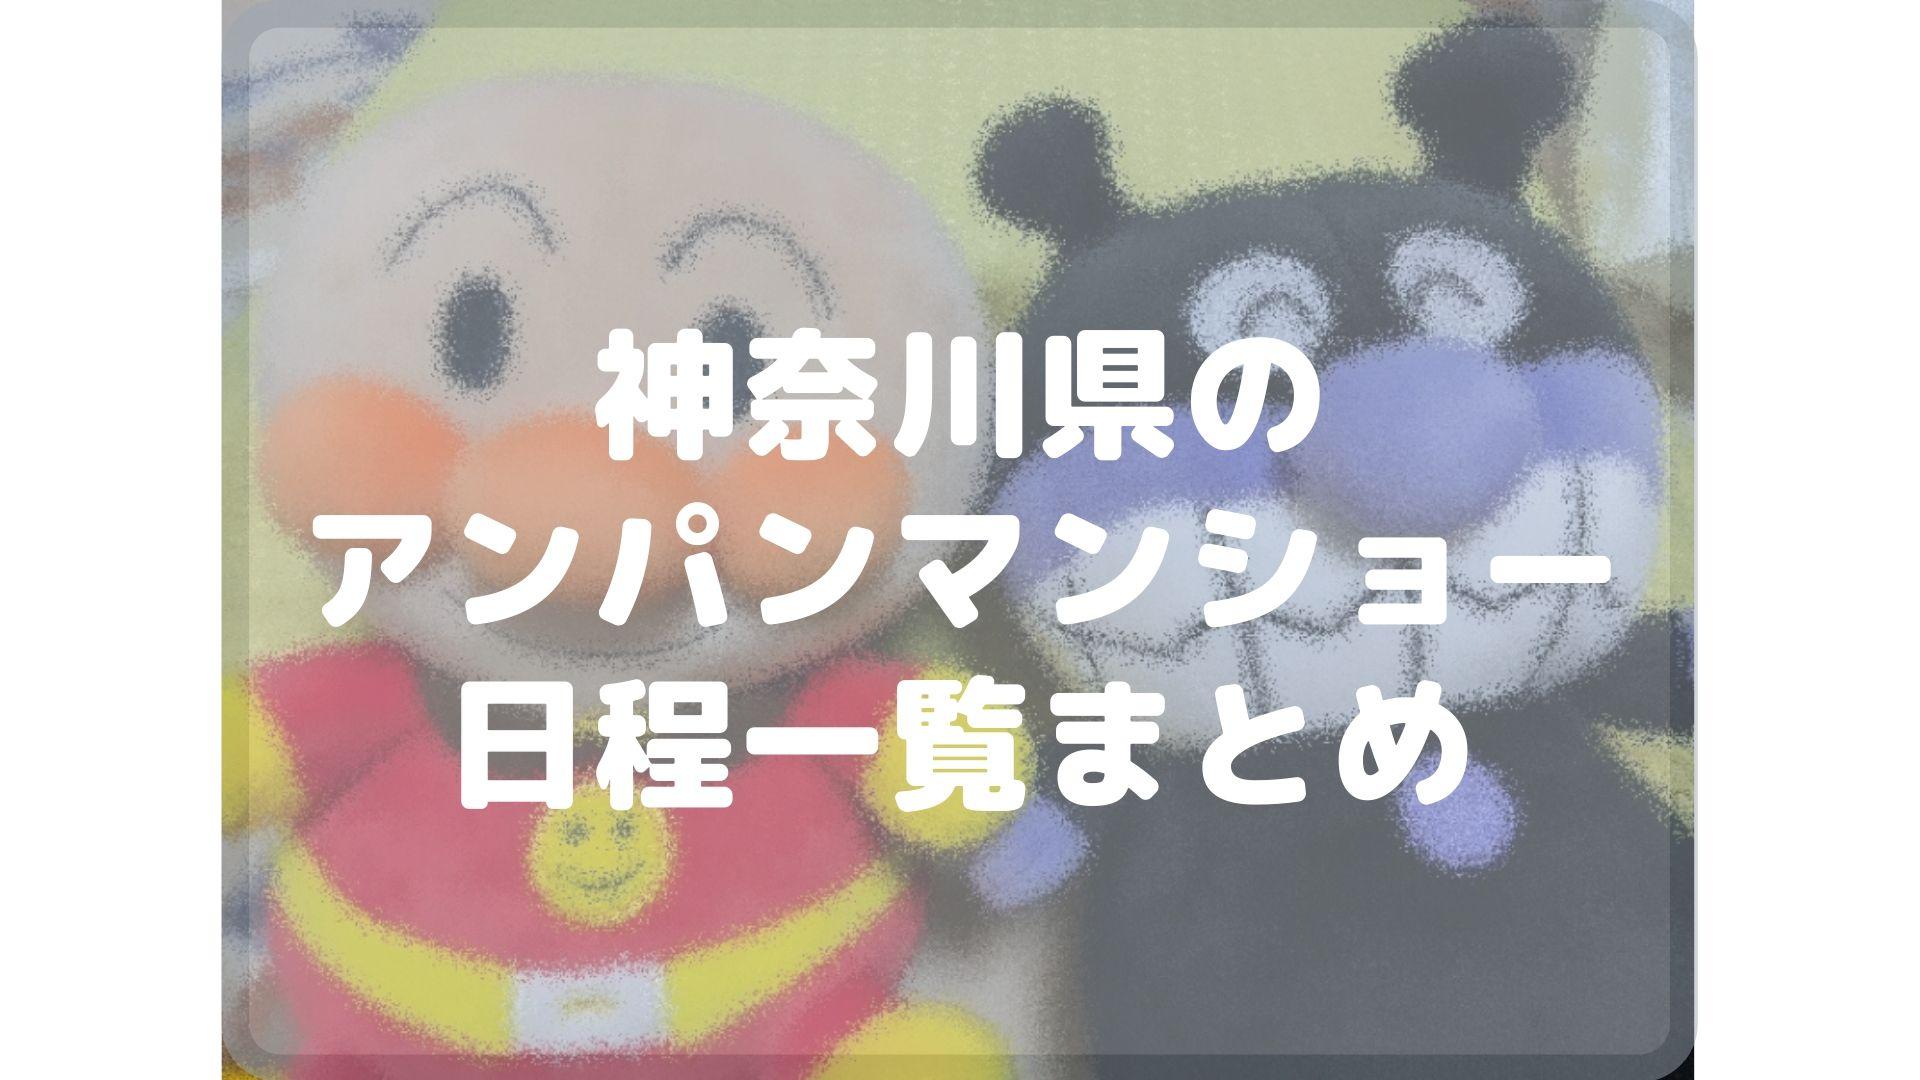 神奈川県のアンパンマンショーまとめタイトル画像